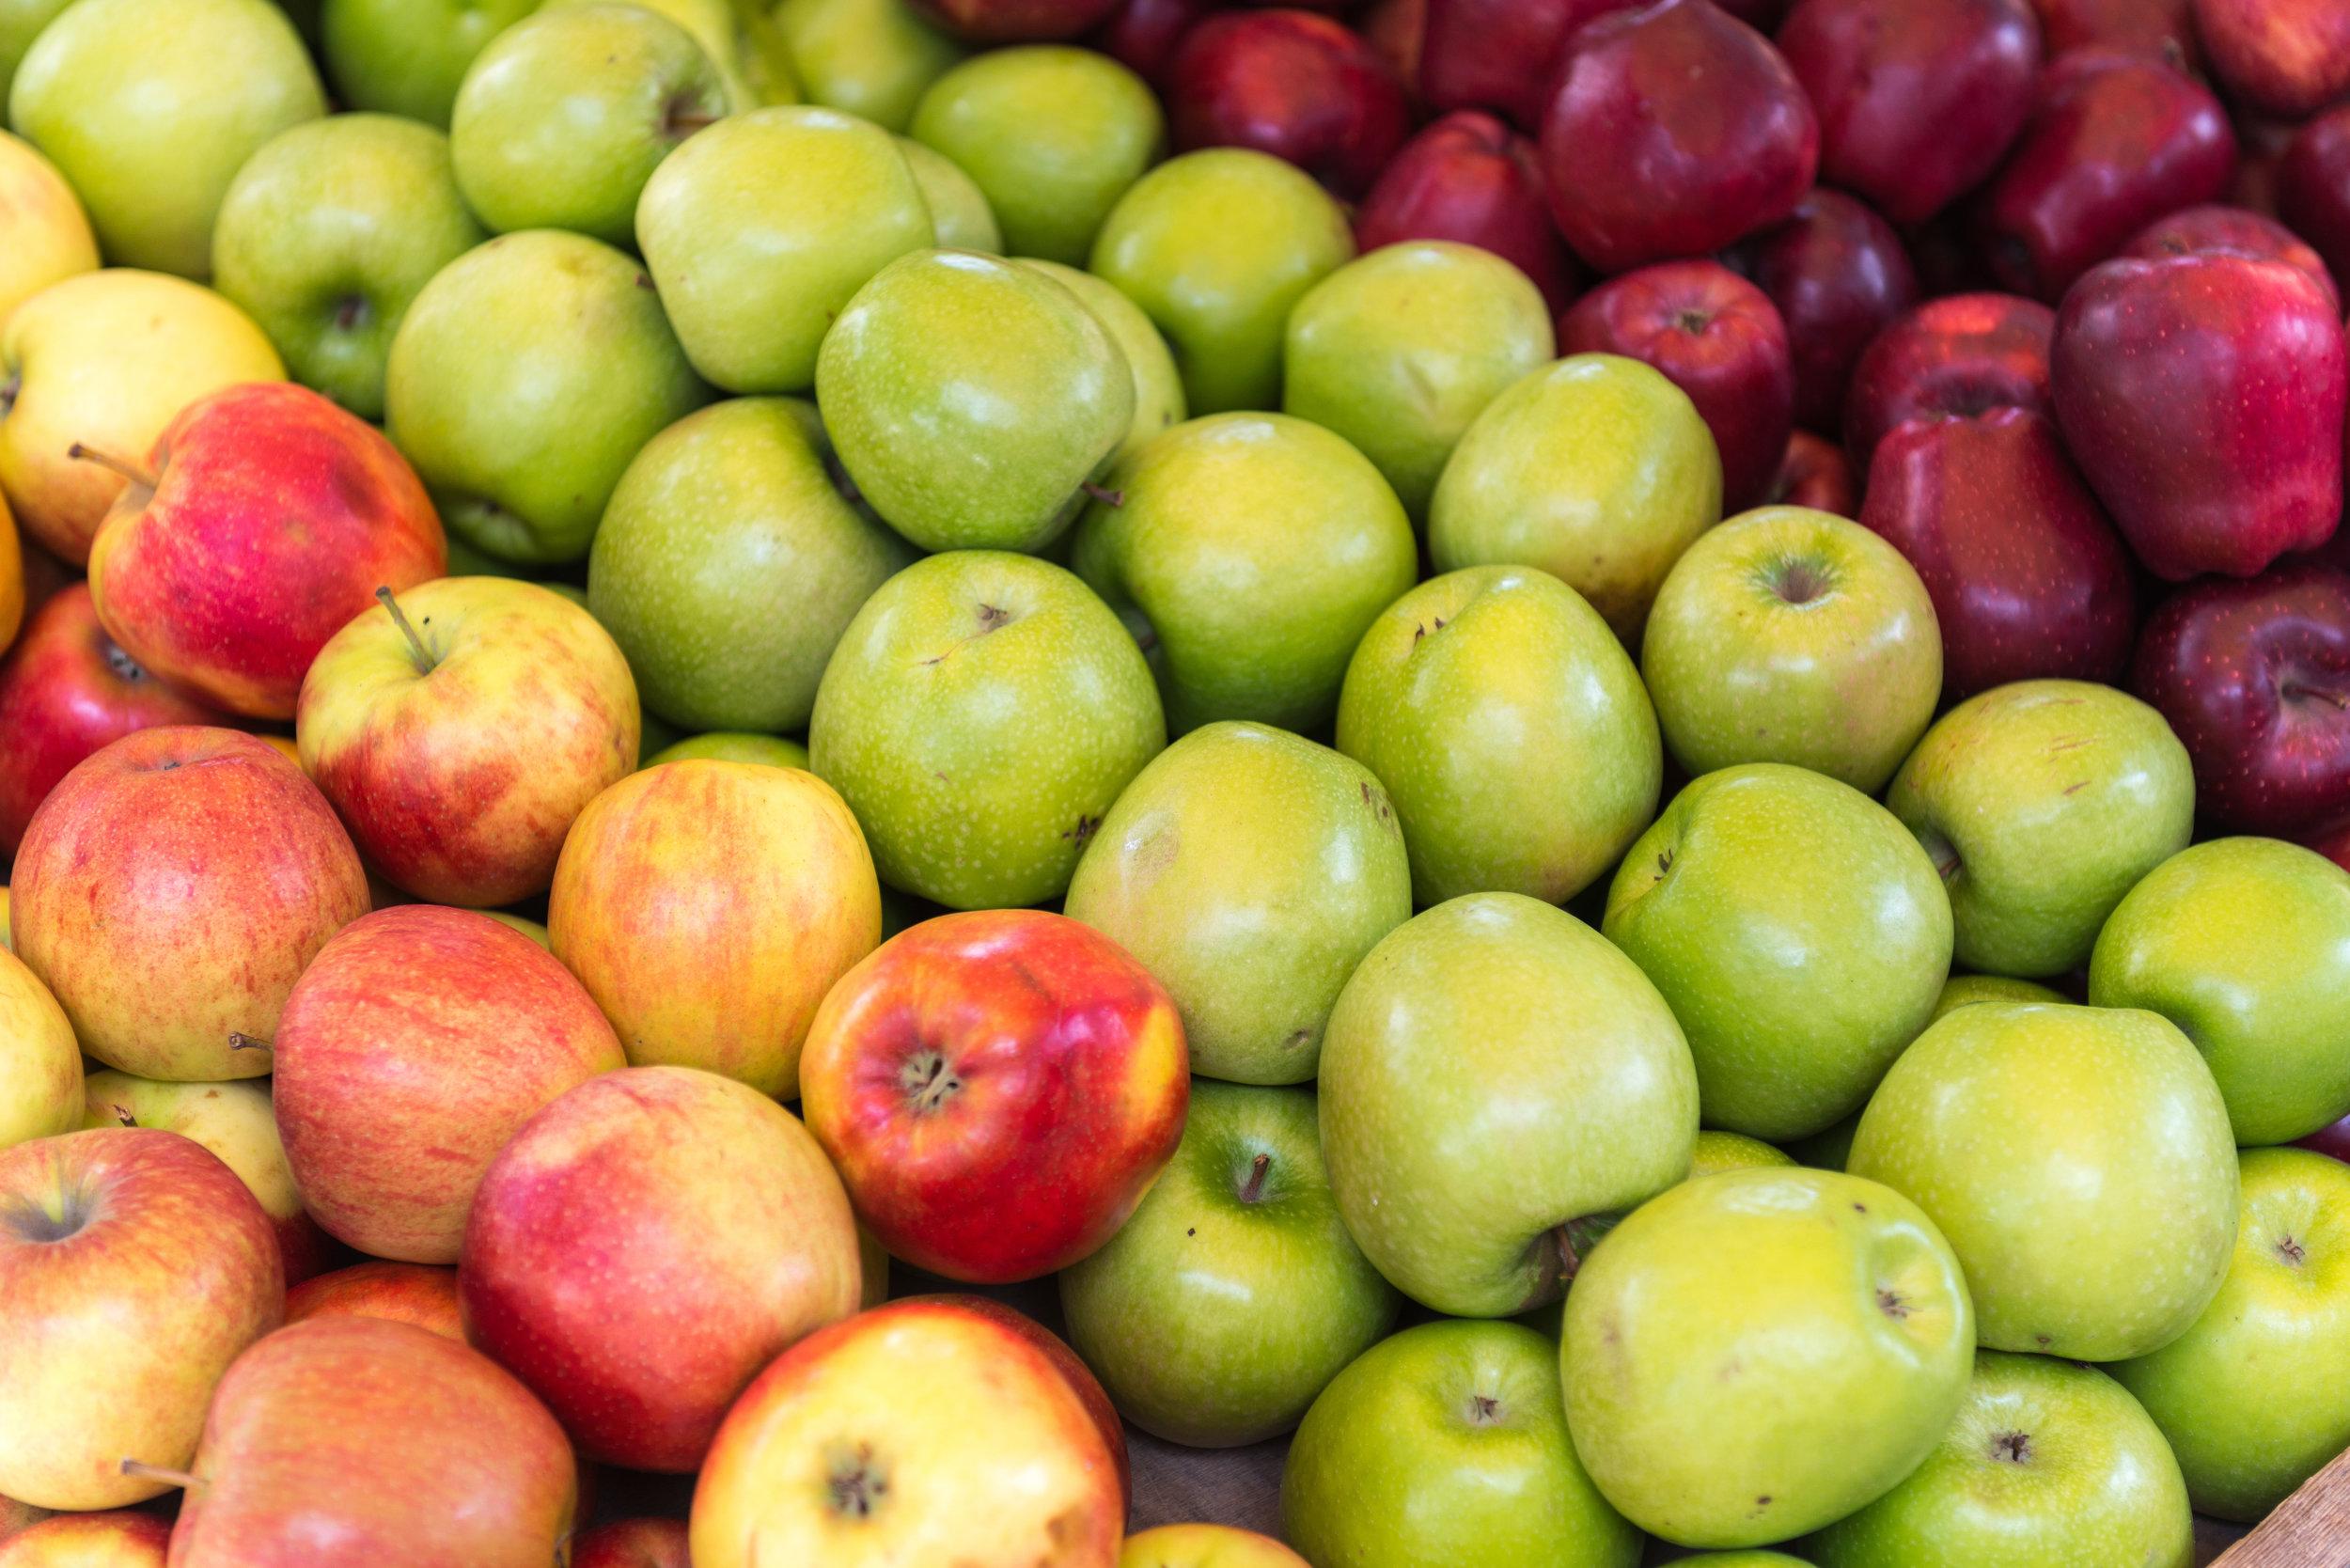 Types of Apples.jpg